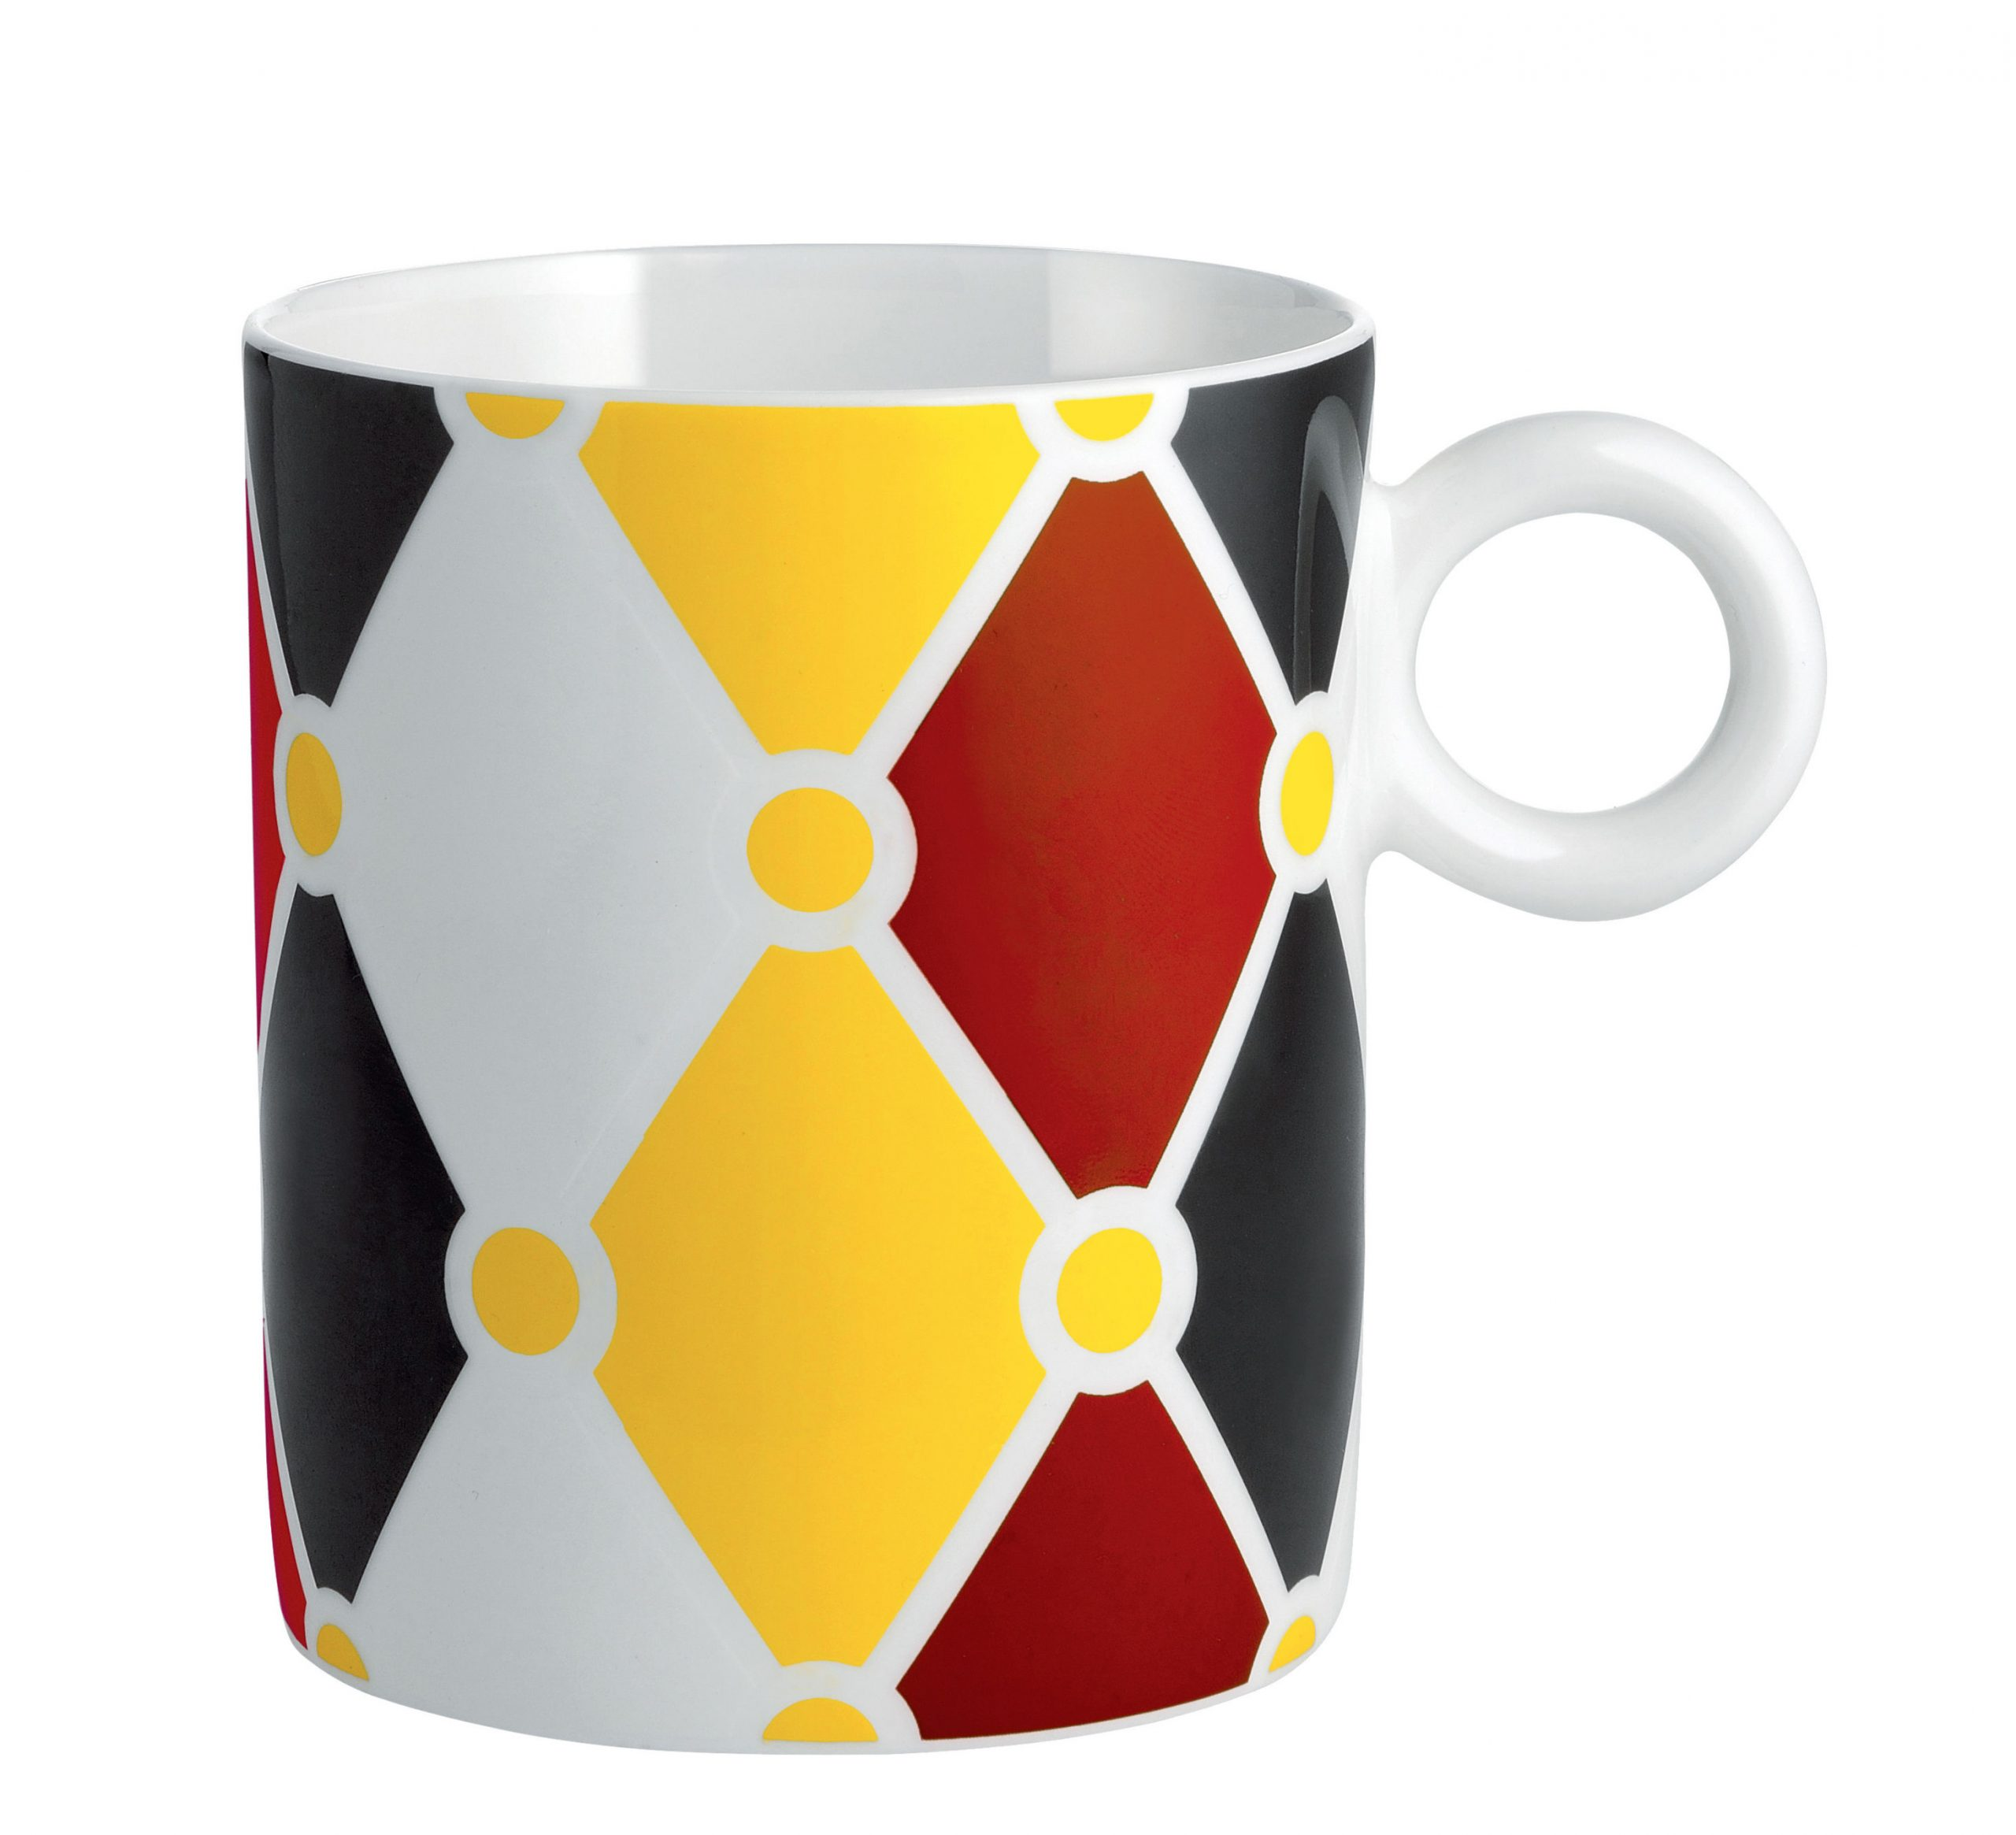 Κούπα Τσίρκο Λευκό | Κίτρινο | Κόκκινο | Μαύρο ALESSI Marcel Wanders 1